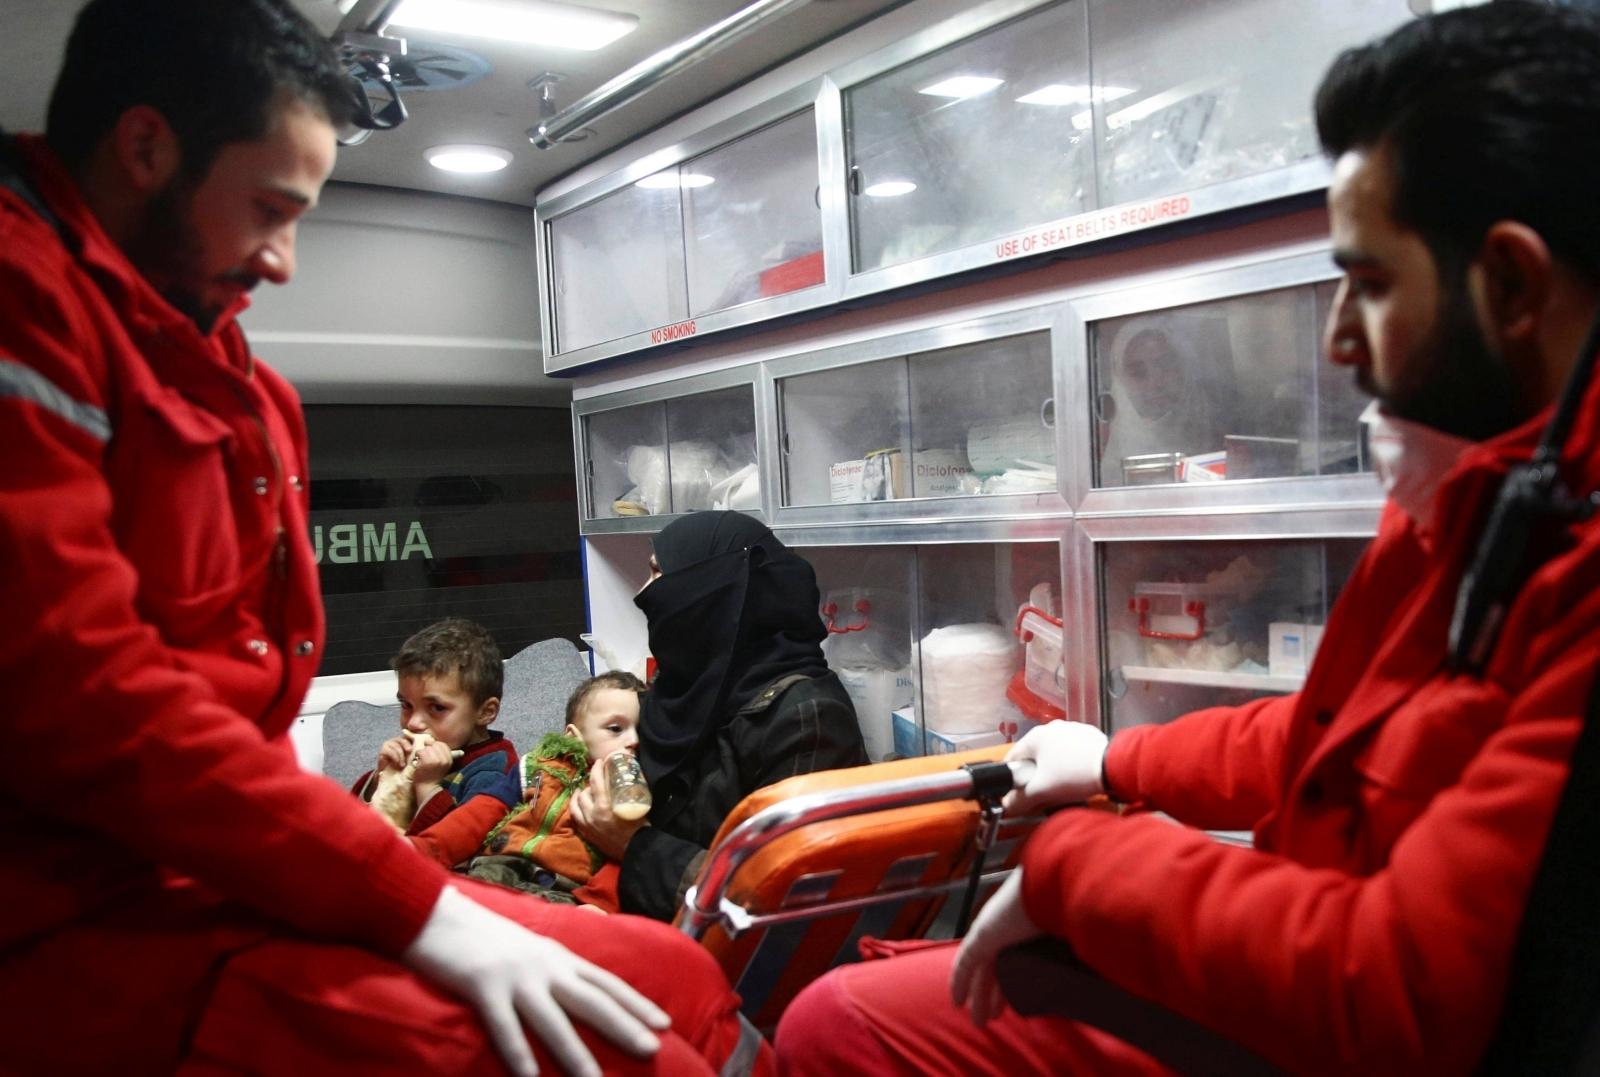 בילד: סיריע ערלויבט פאר קריטישע קראנקע צו פארלאזן באלאגערטע געגענט אין דמשק